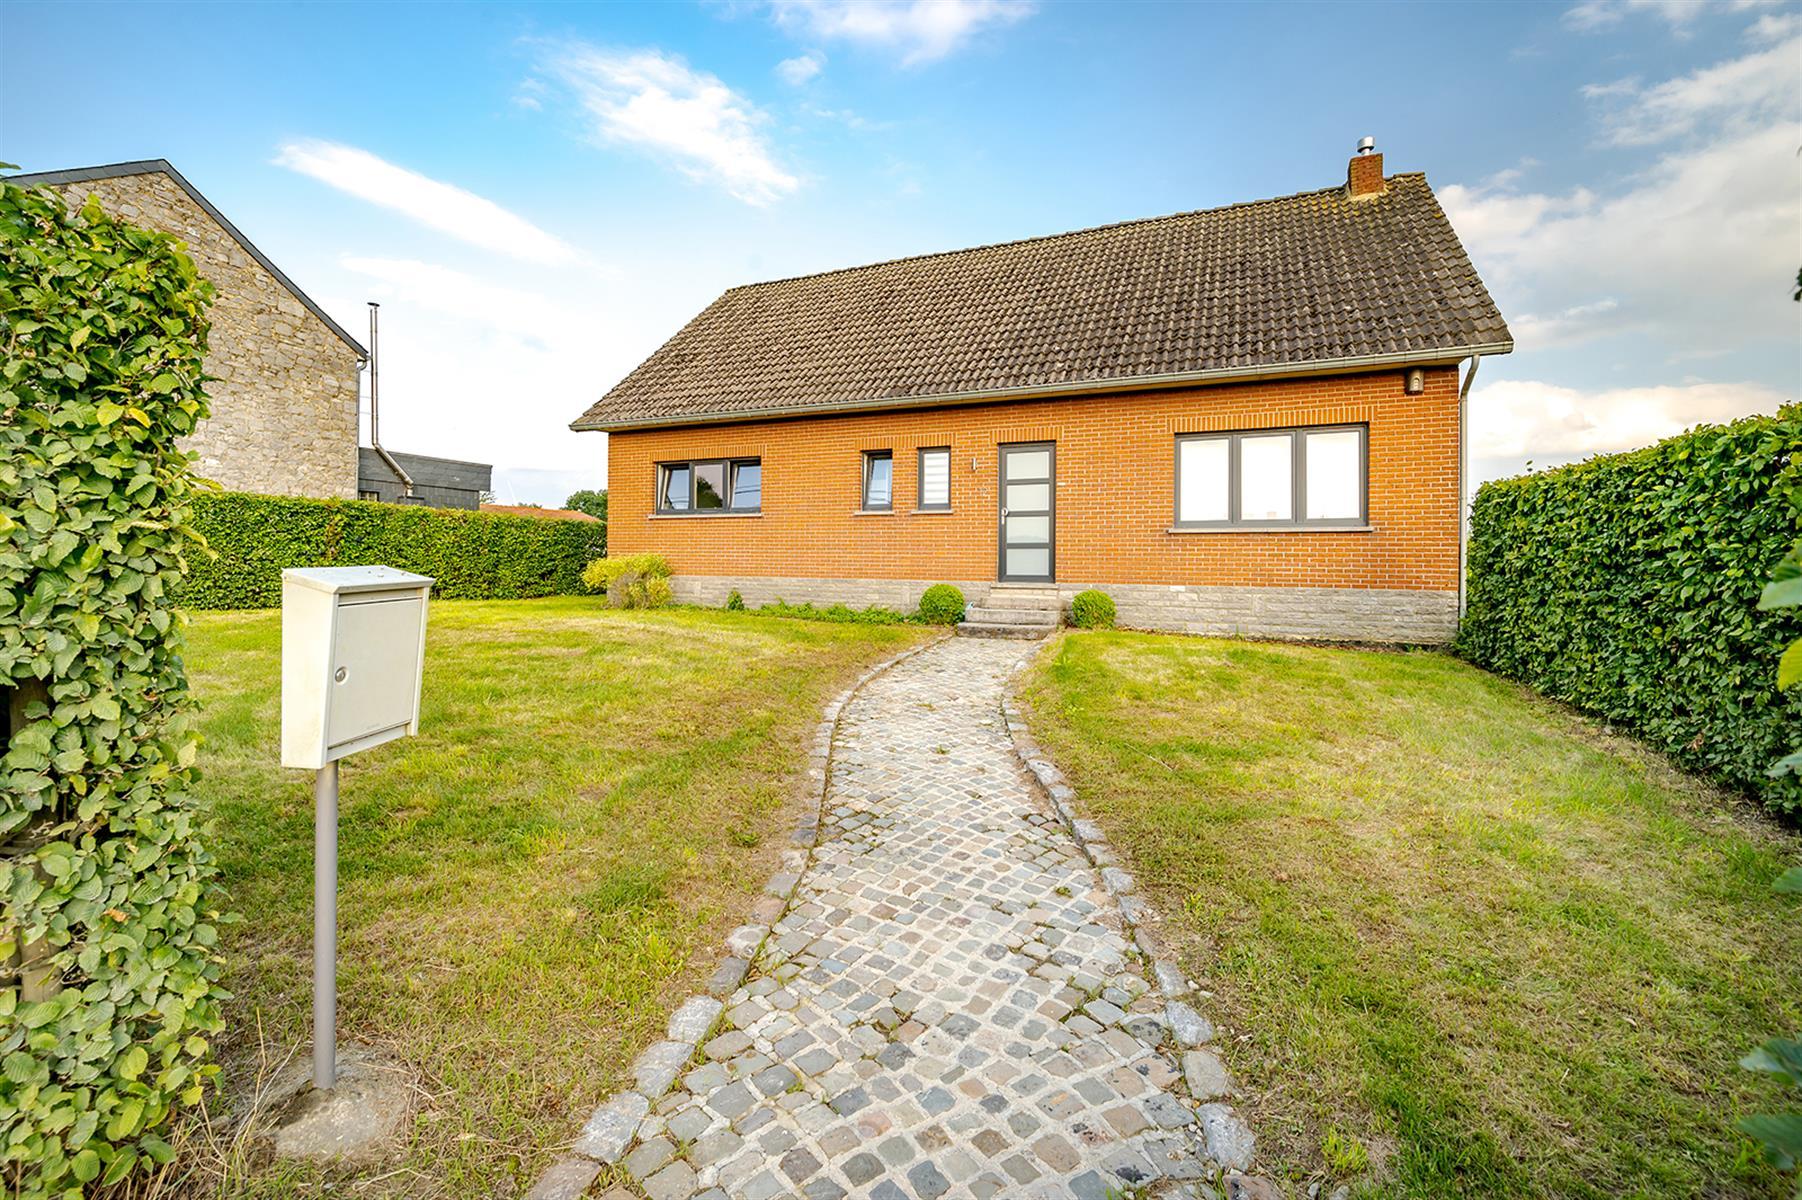 Maison unifamiliale - Villersle-Bouillet - #4412229-20